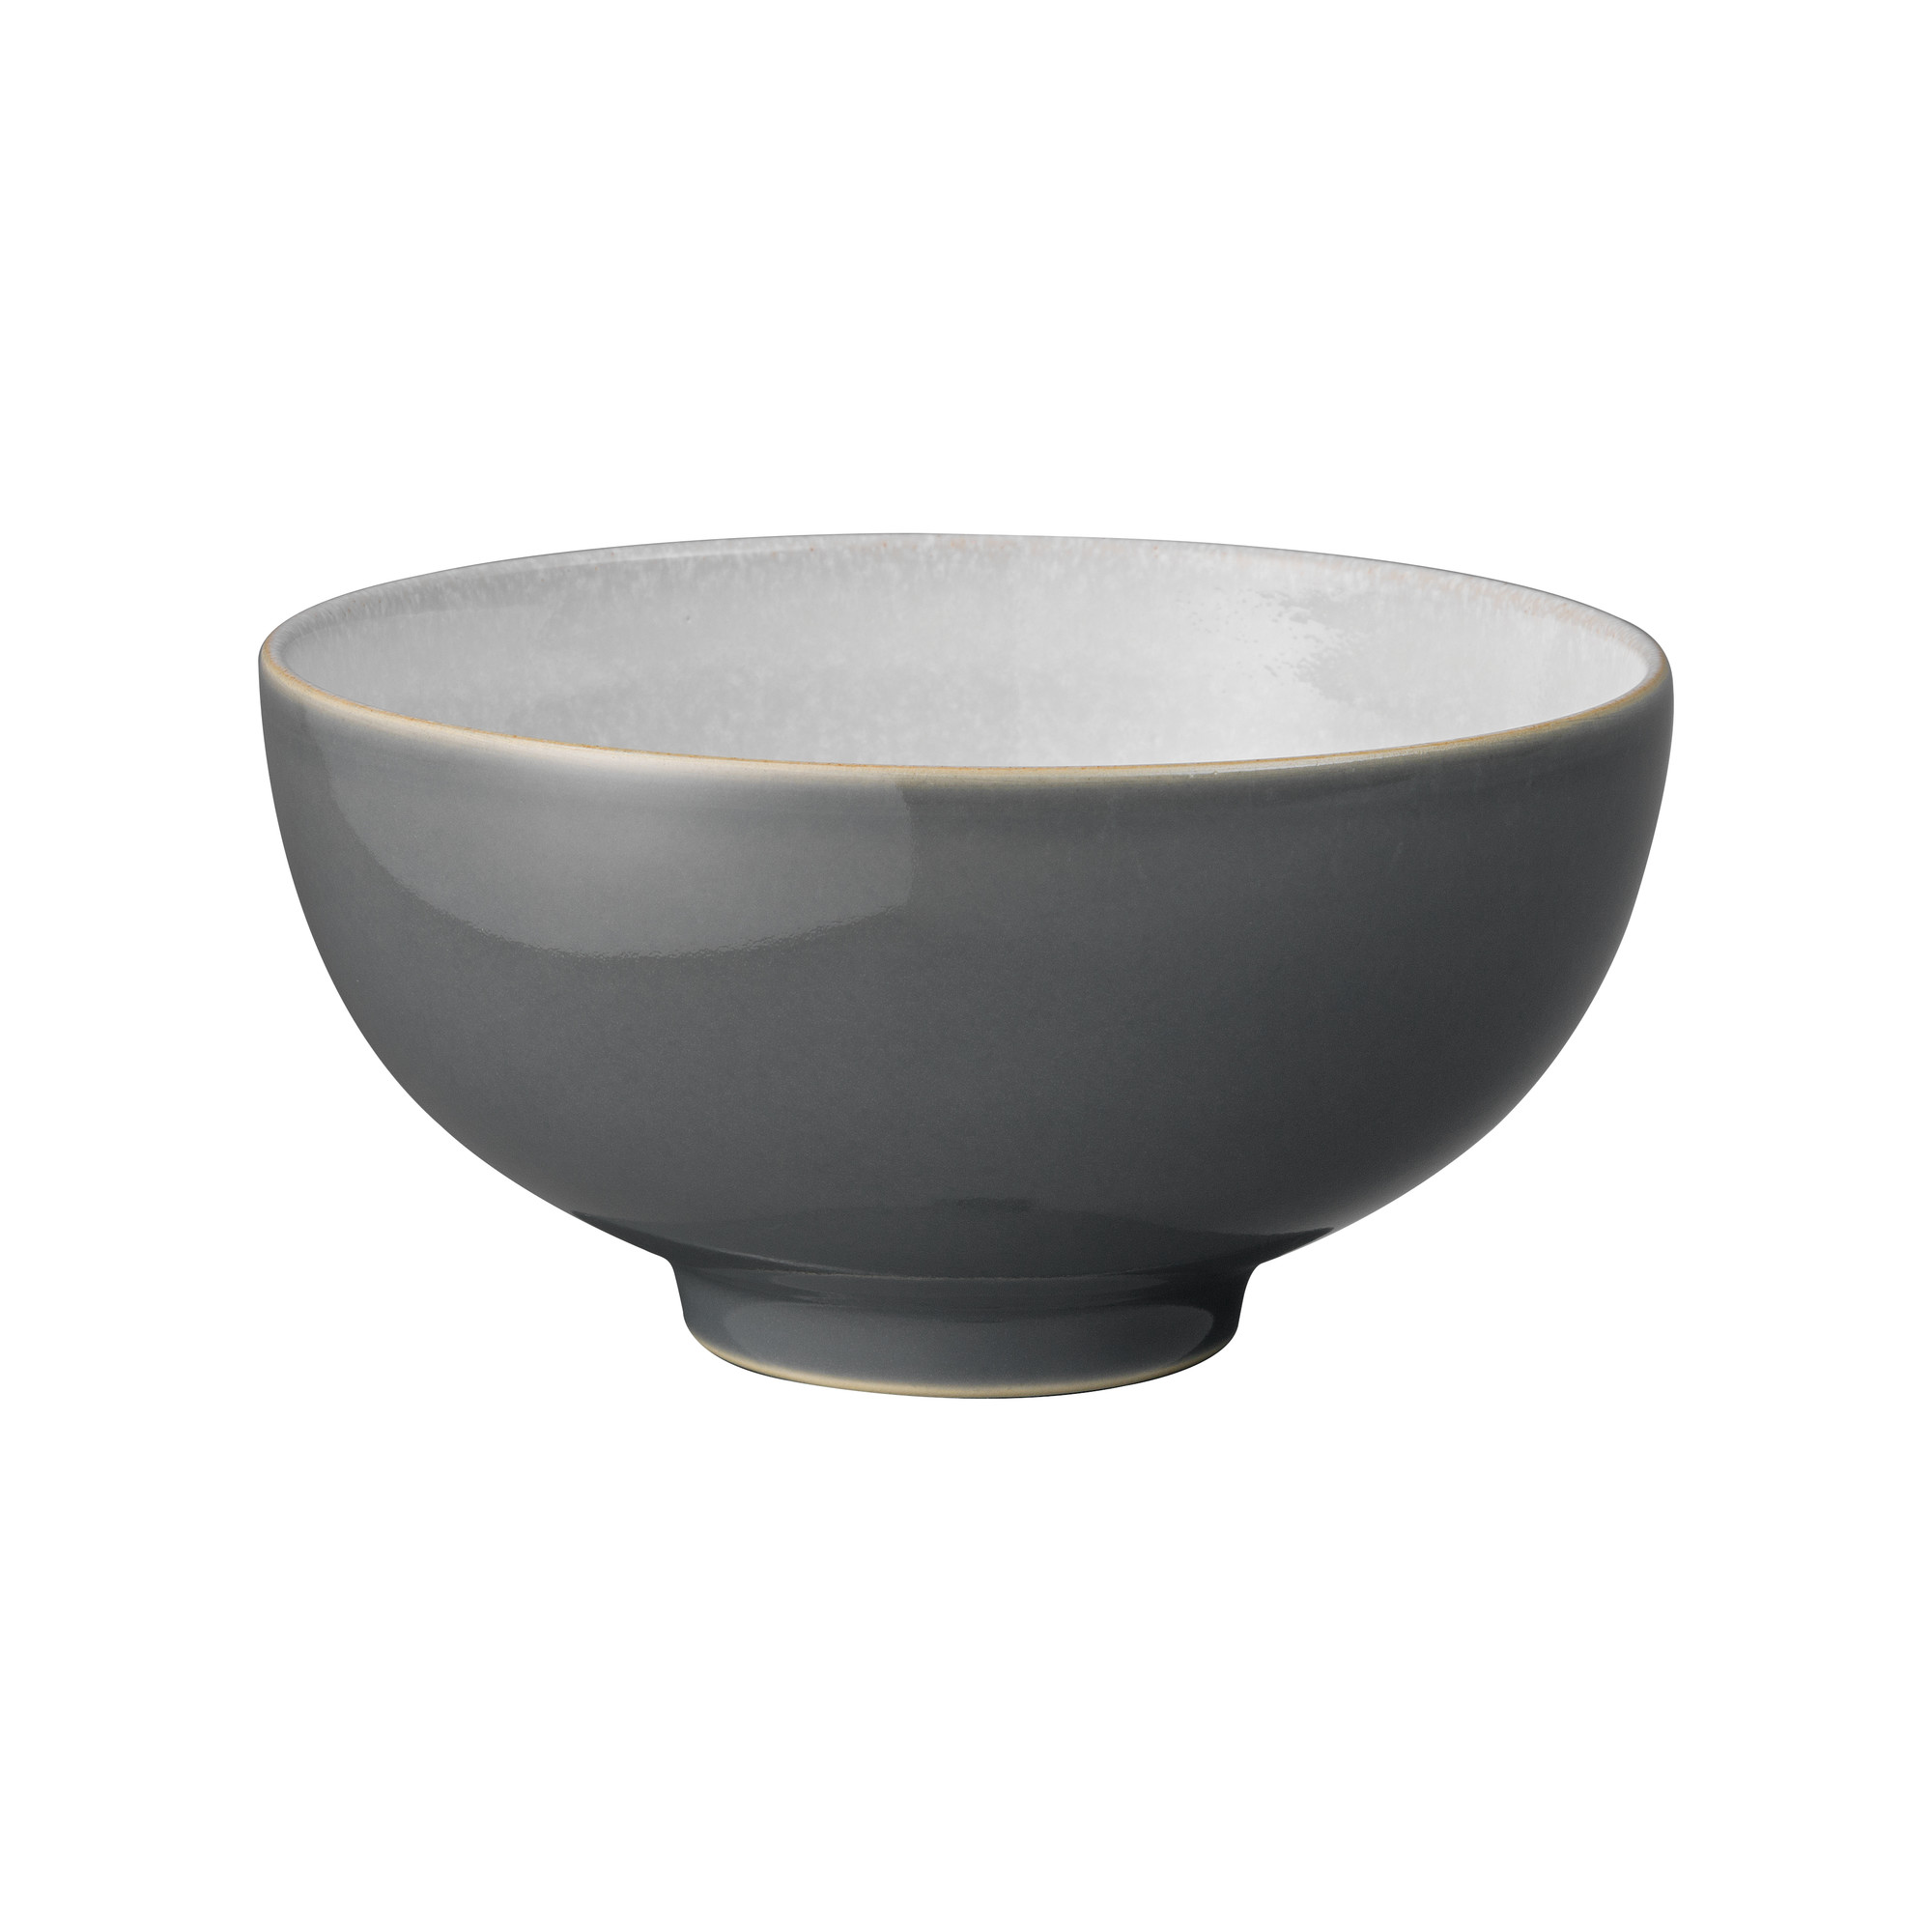 Фото - Чаша для риса DENBY Elements Графит 12 см чаша для риса denby studio craft 13 см